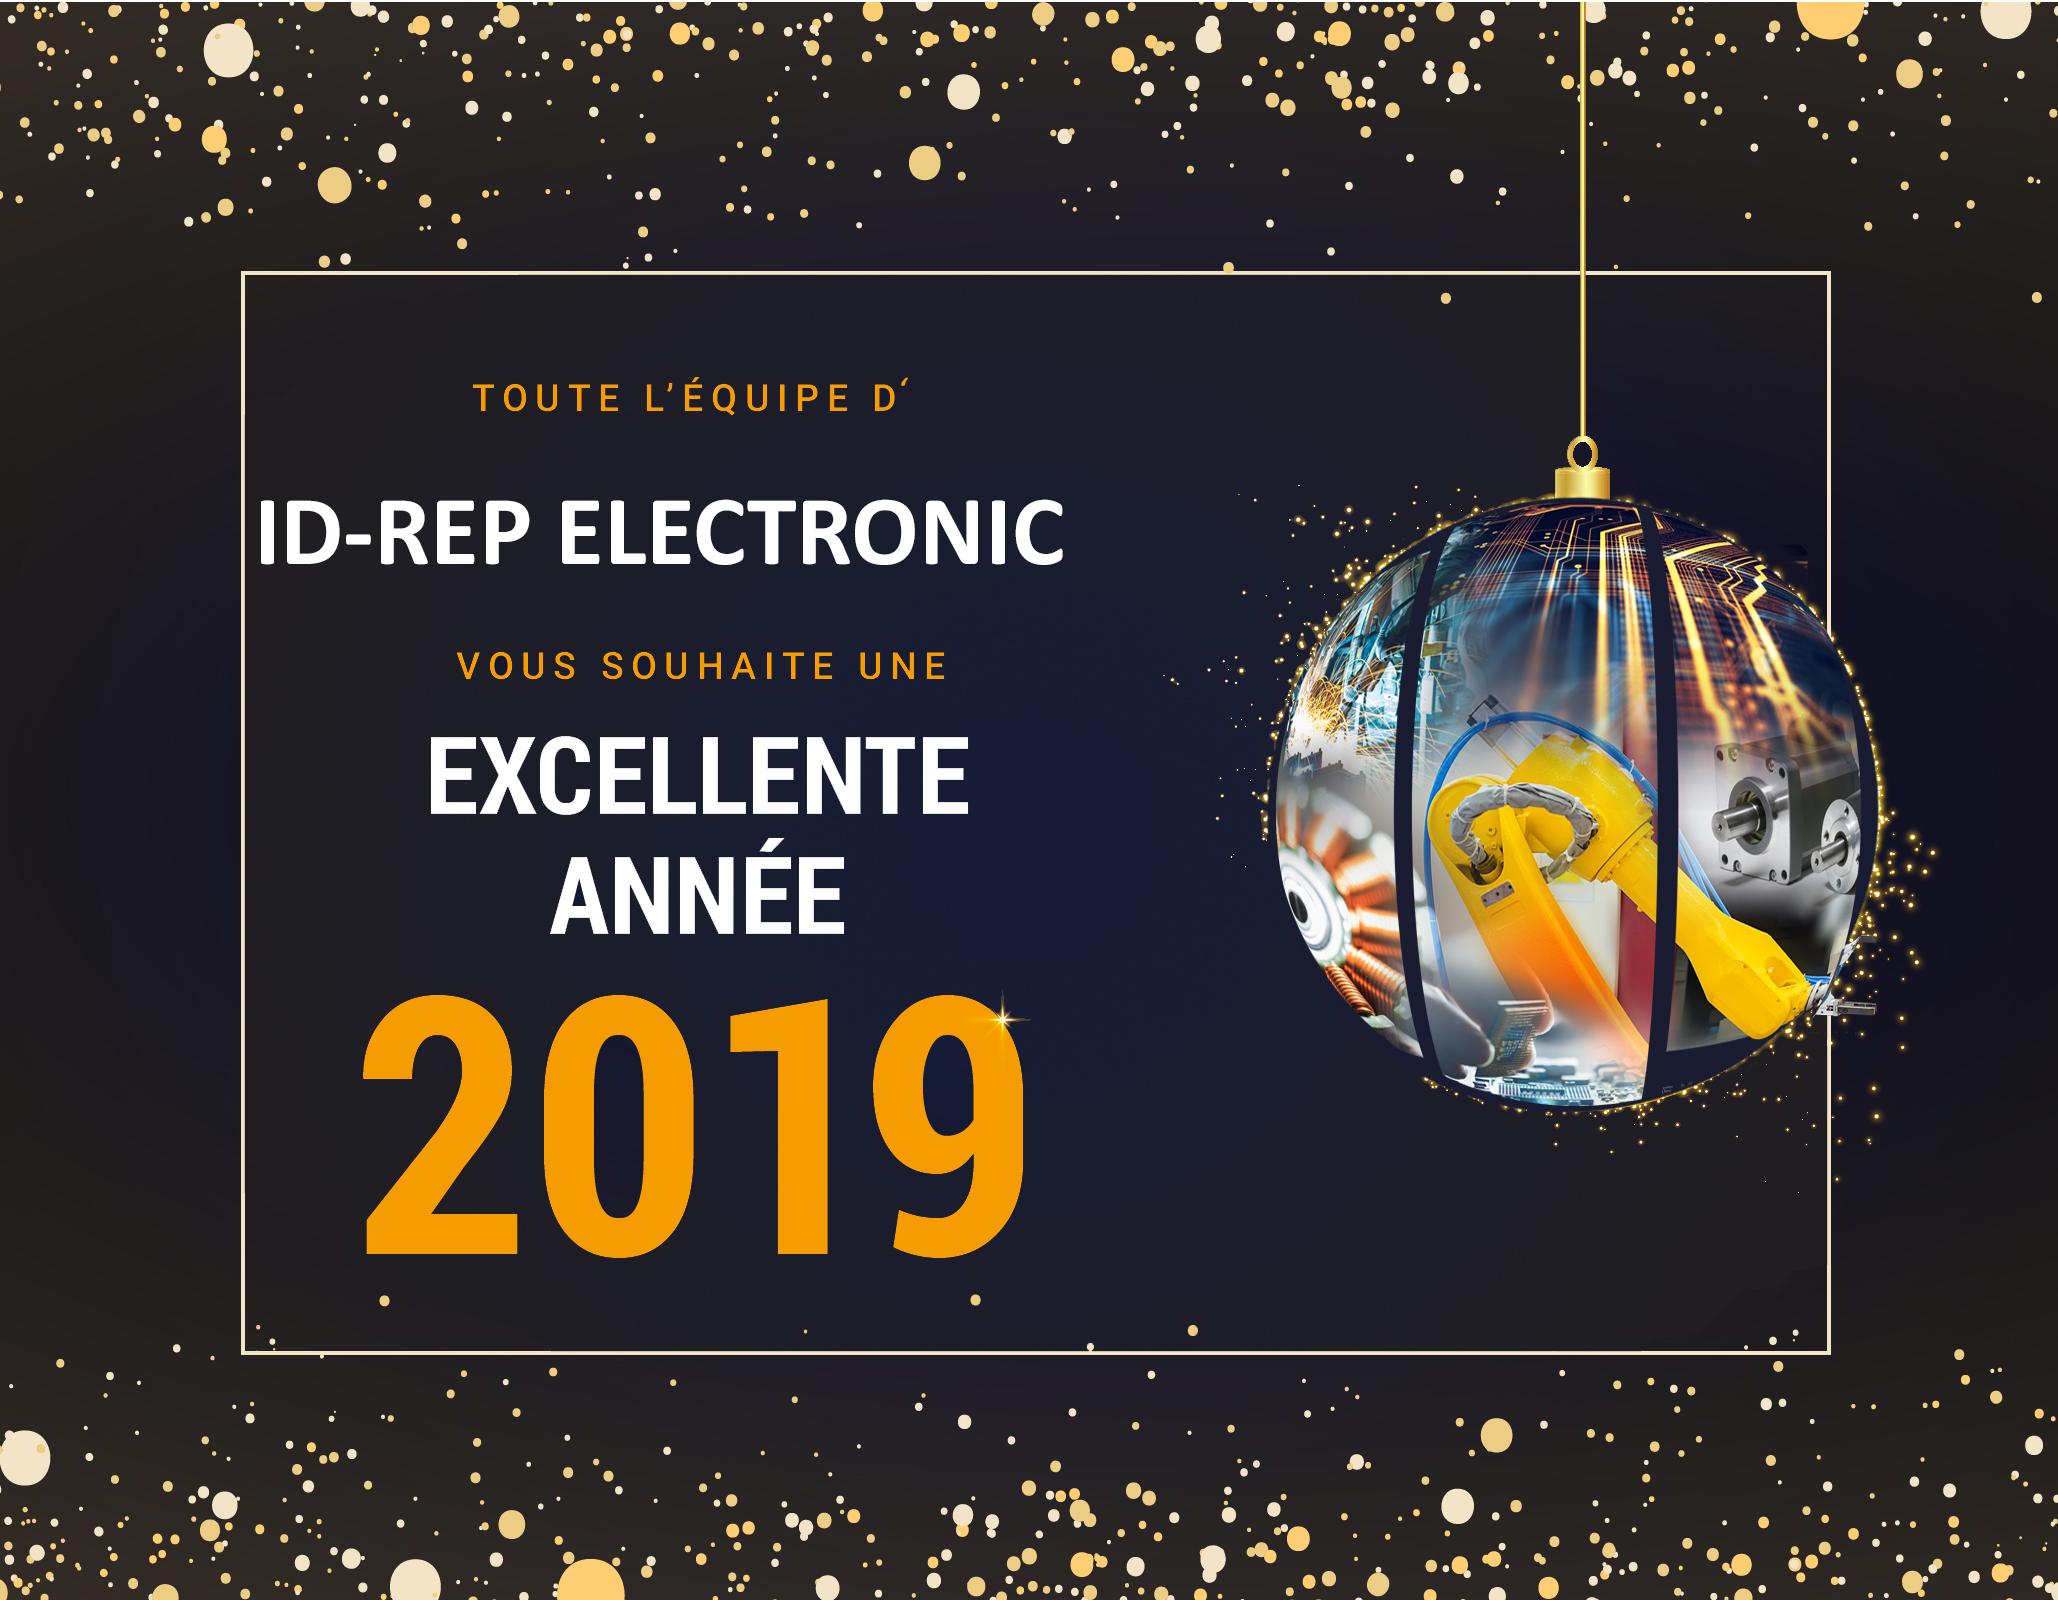 ID-Rep Electronic vous souhaite une bonne année 2019